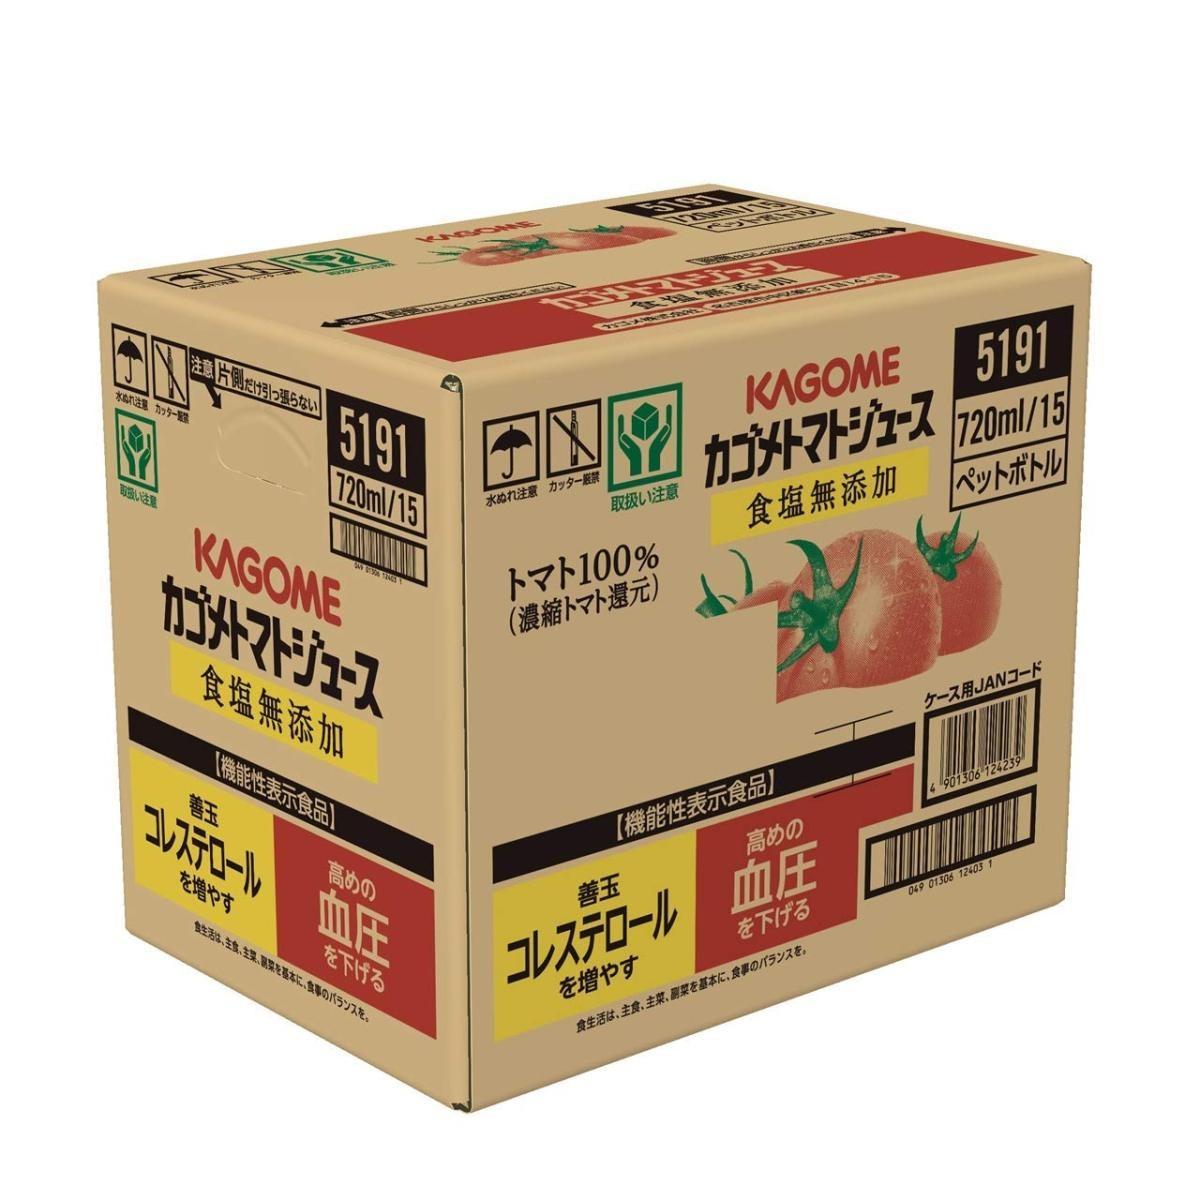 カゴメトマトジュース 食塩無添加 スマートPET 720ml × 15本 ペットボトルの商品画像|3